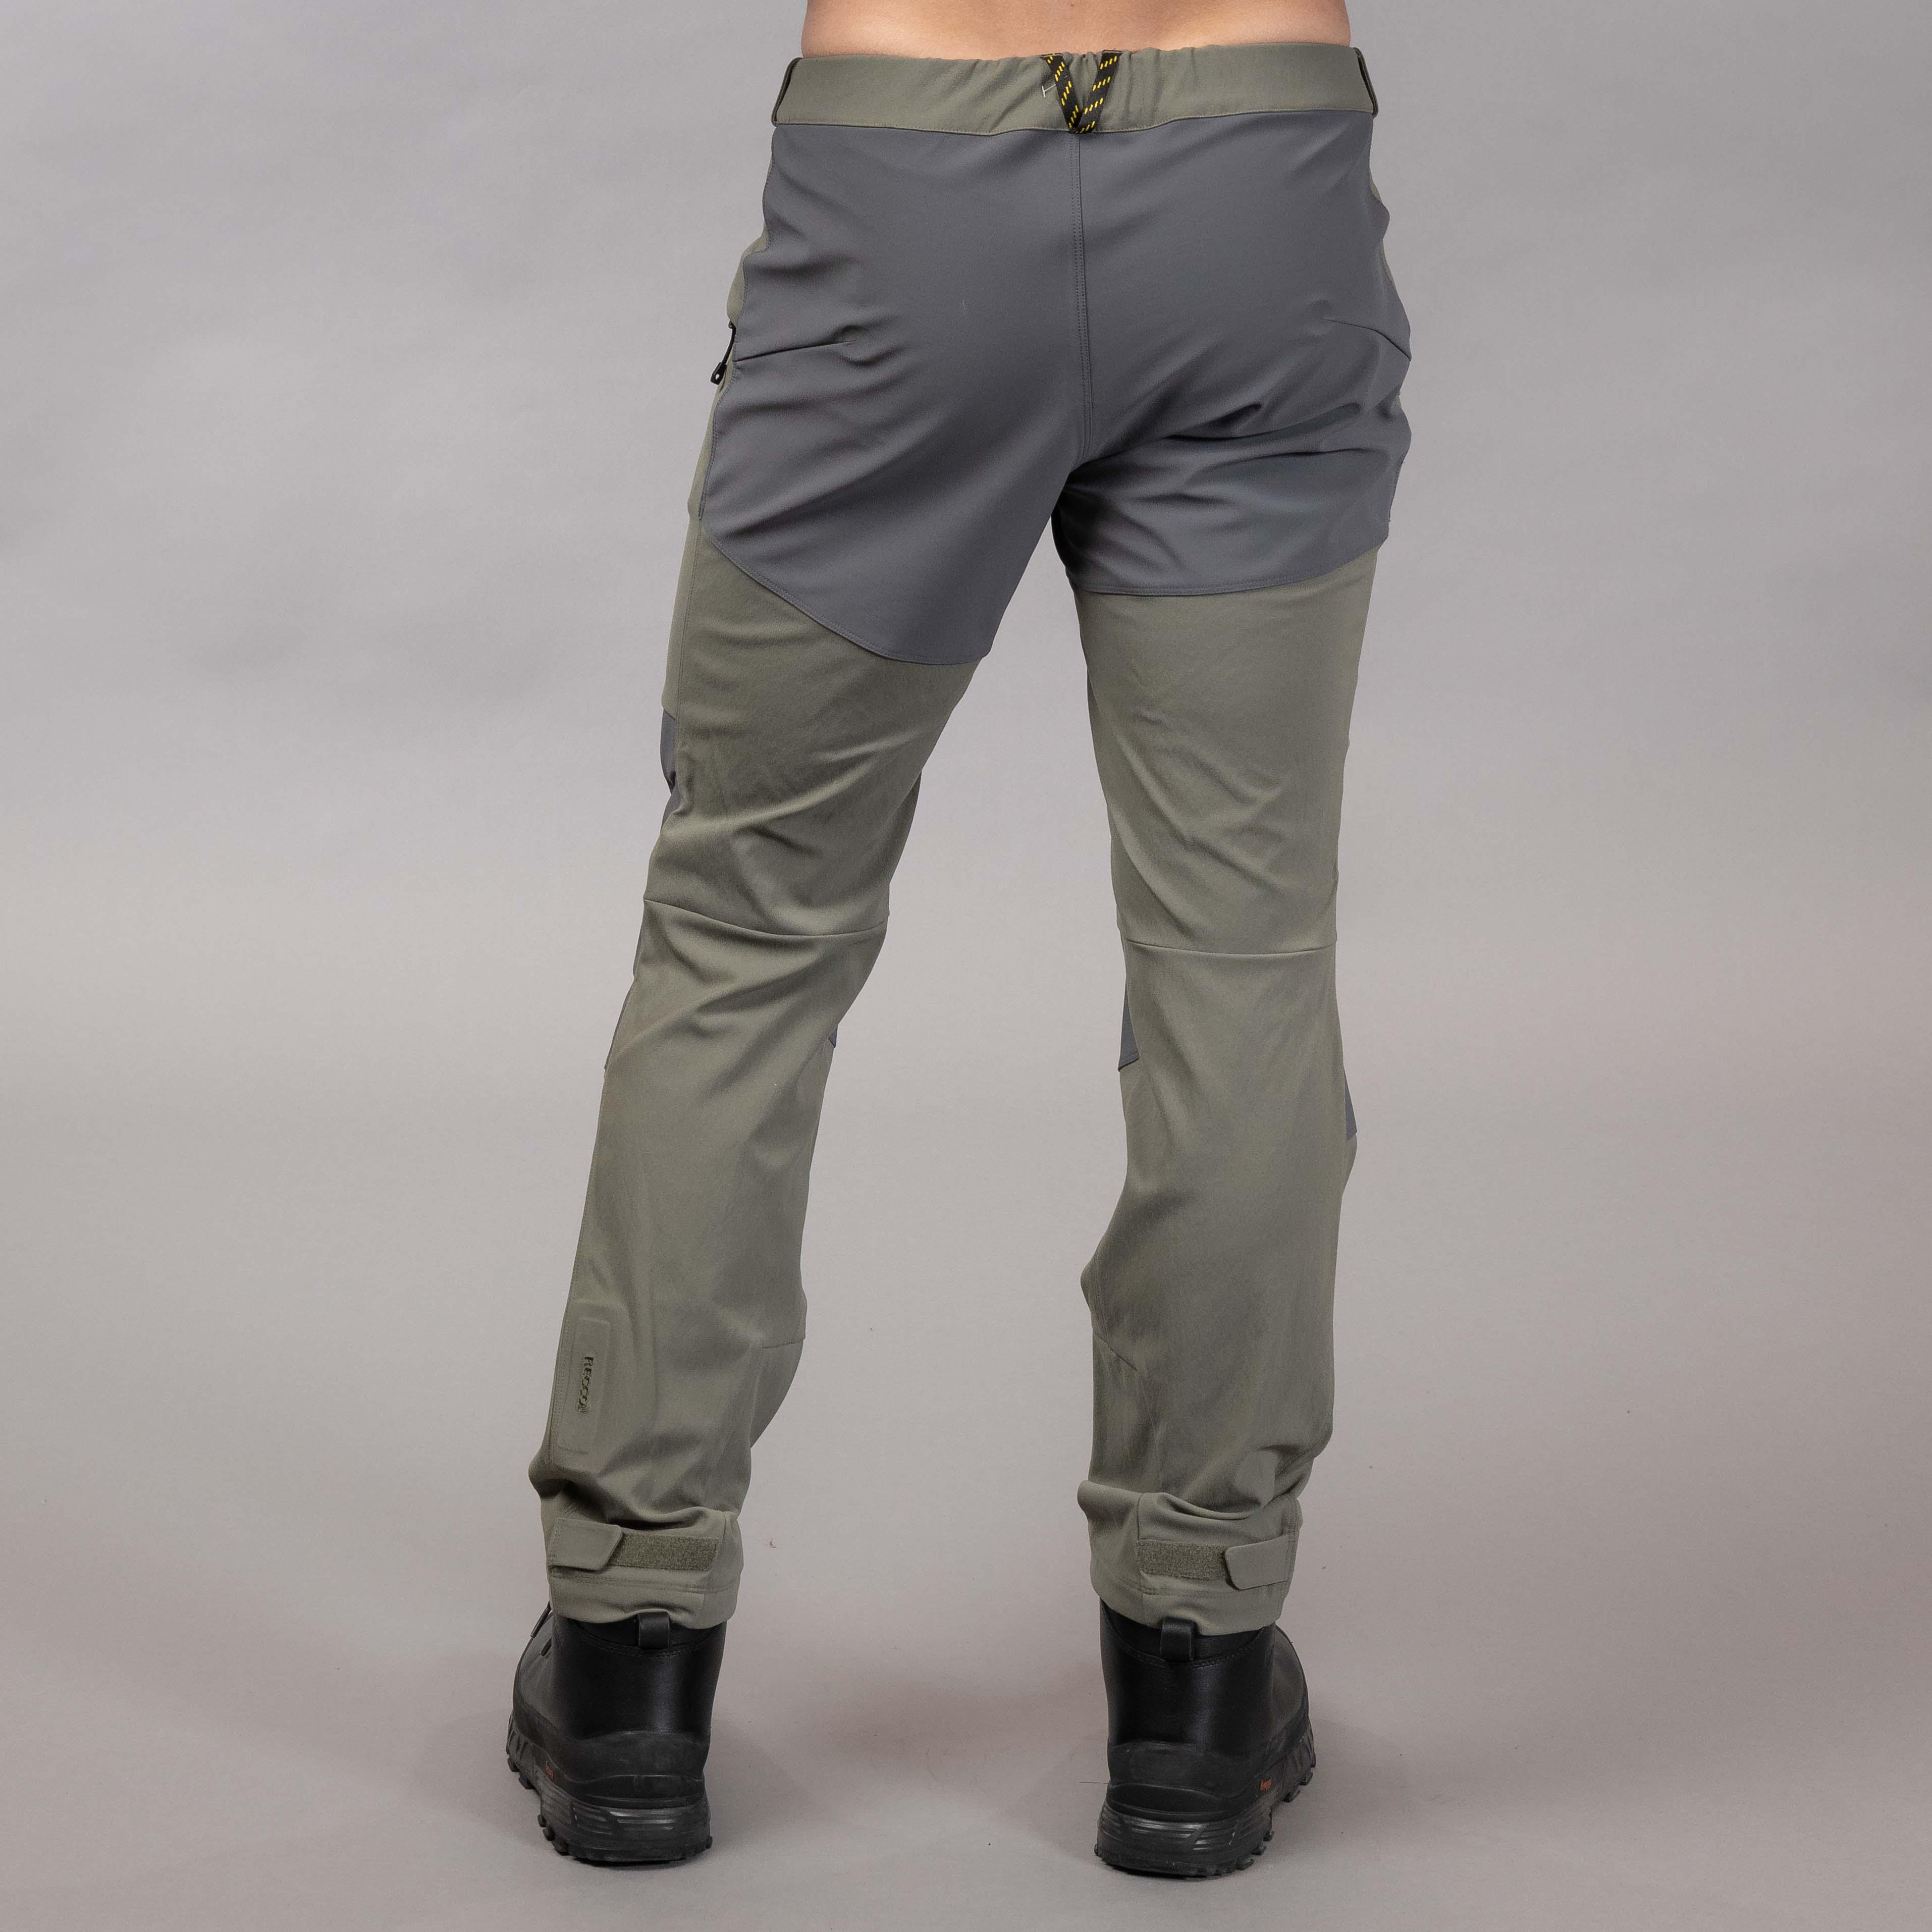 Rabot 365 Hybrid Pants